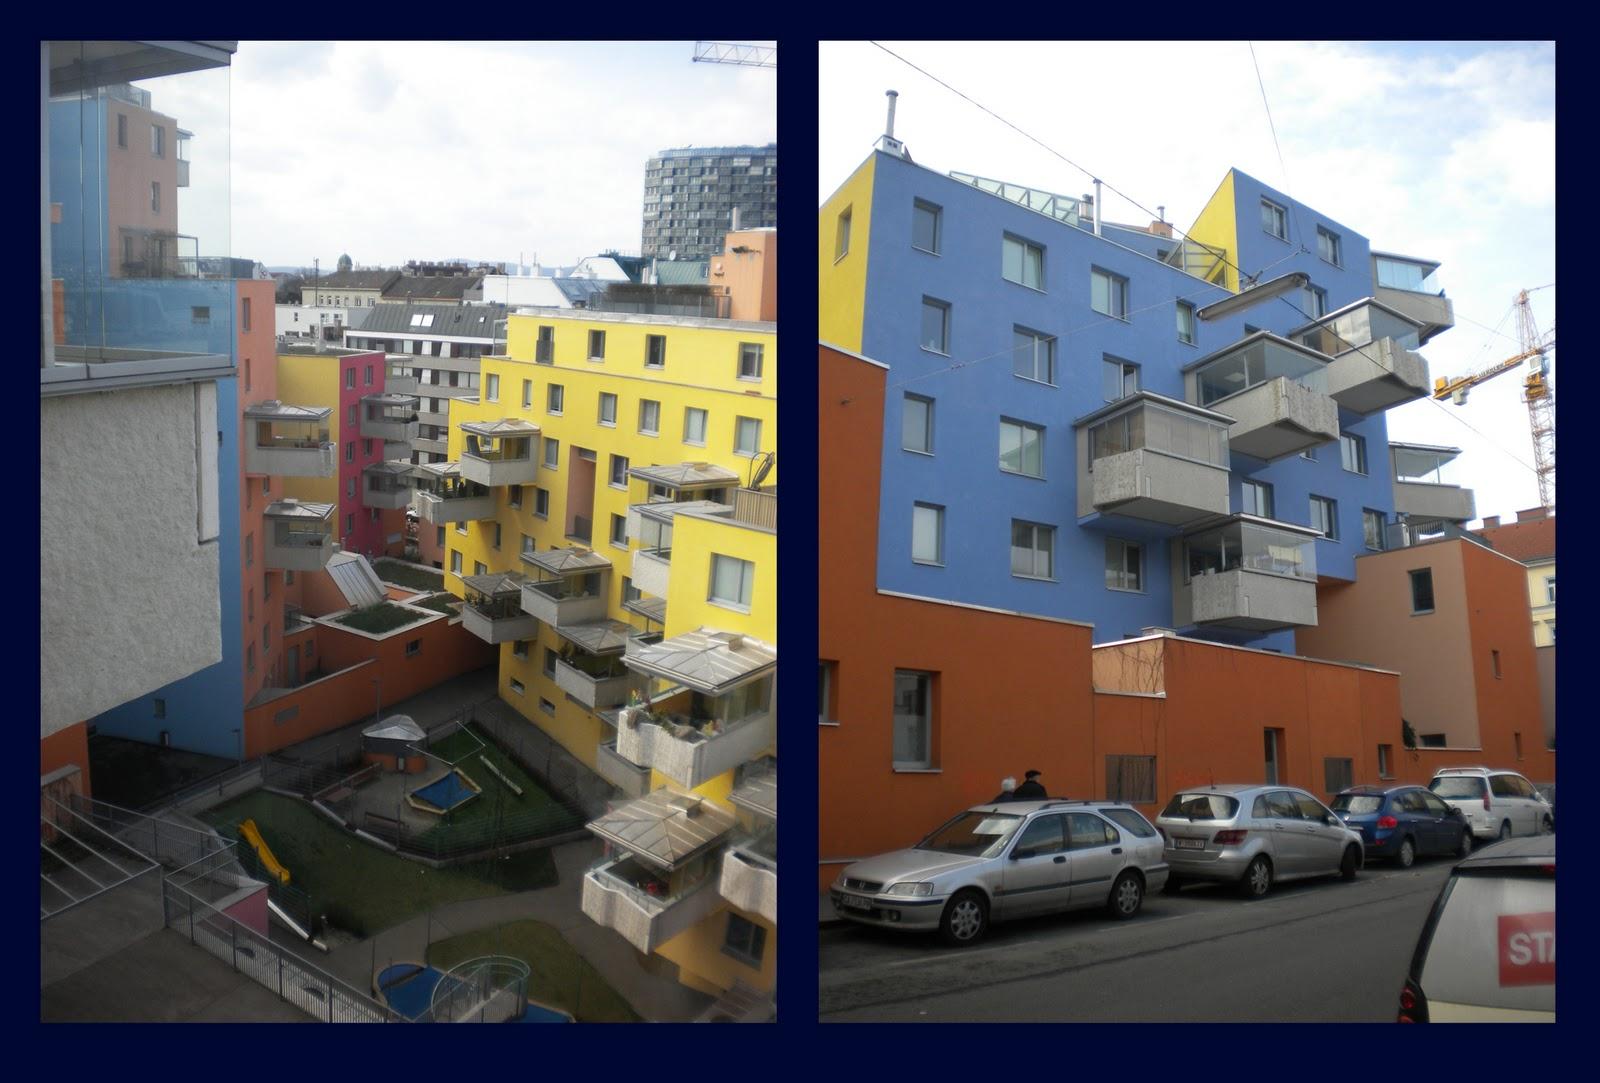 Außergewöhnlich Haus Mit Veranda Ideen Von The Concept Is Extending The Green Areas